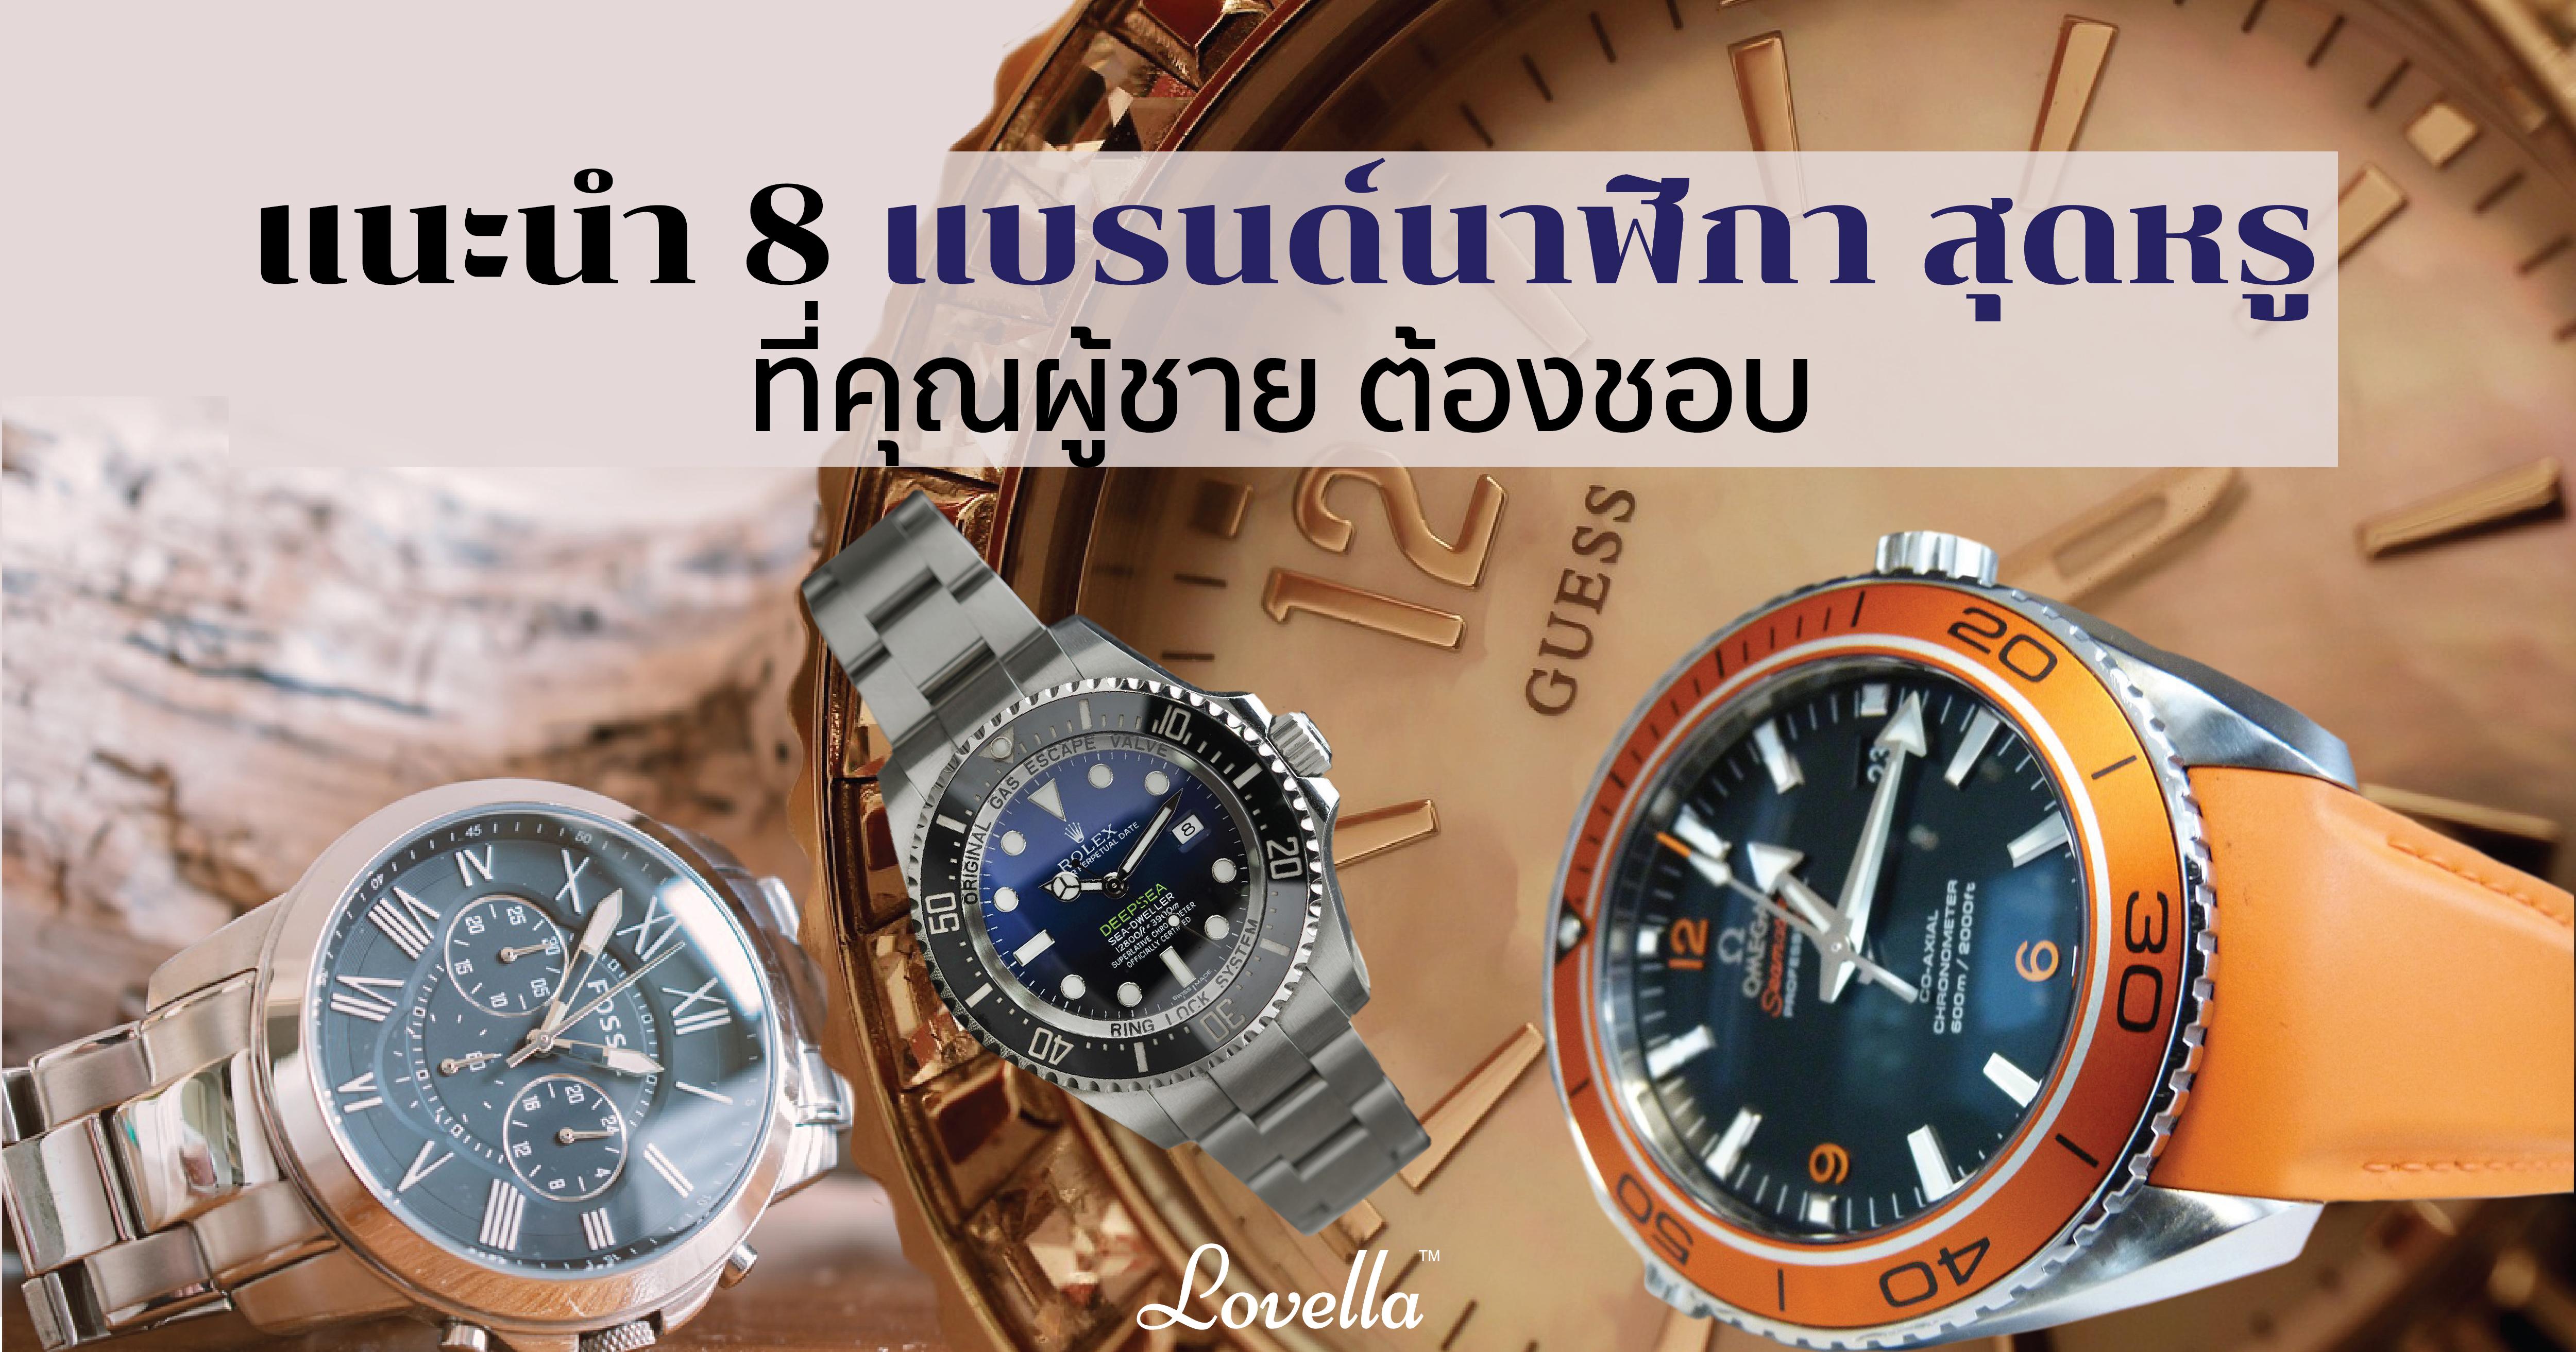 นาฬิกา แบรนด์